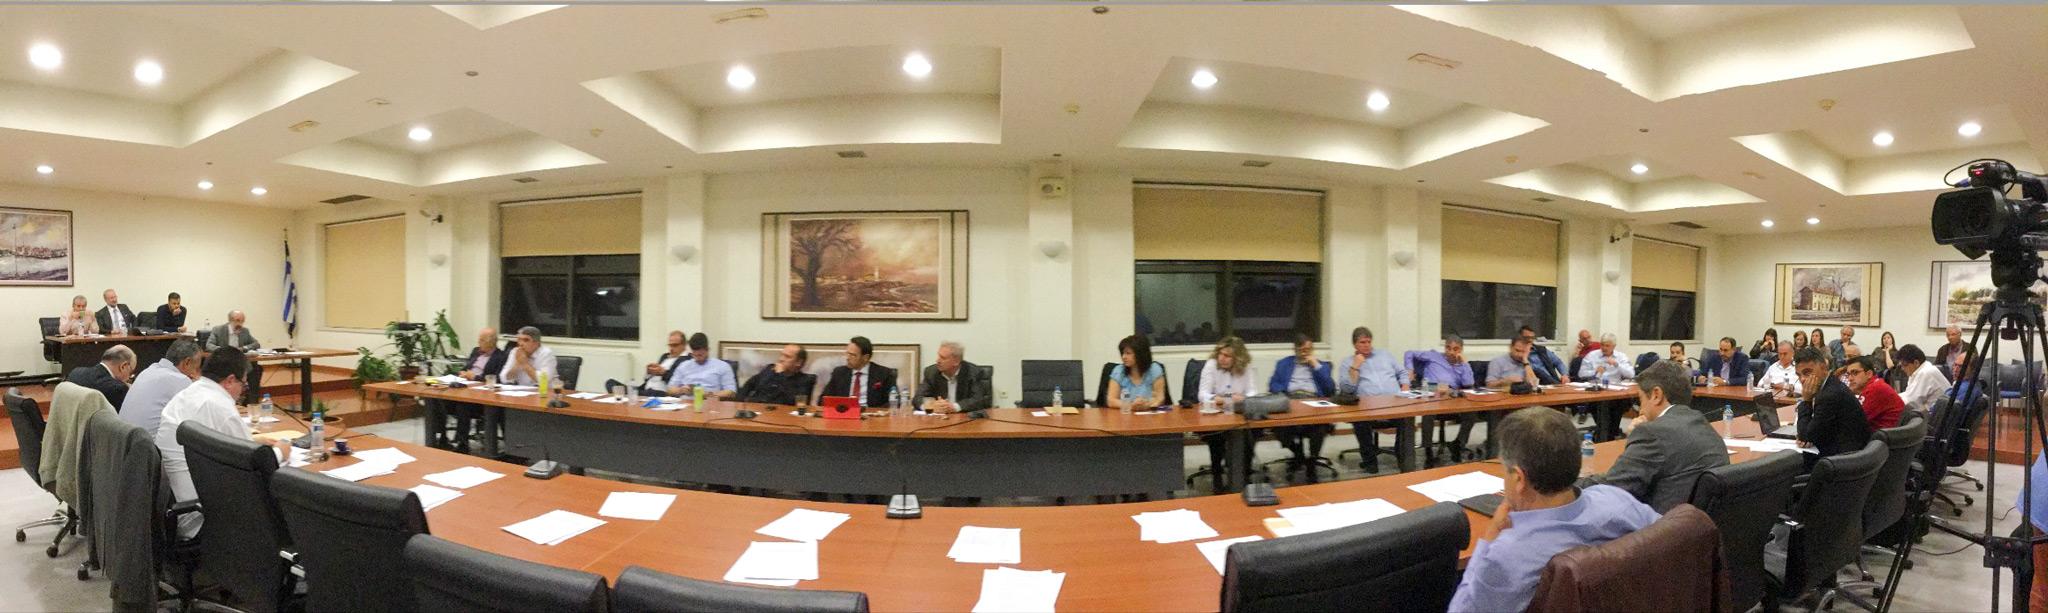 Άποψη της αίθουσας κατά την 8η ειδική συνεδρίαση που προηγήθηκε της 9ης τακτικής (θέμα της ο απολογισμός πεπραγμένων της δημοτικής αρχής και η ετήσια έκθεση του Συμπαραστάτη του Δημότη και της Επιχείρησης - η Λαϊκή Συσπείρωση απείχε)